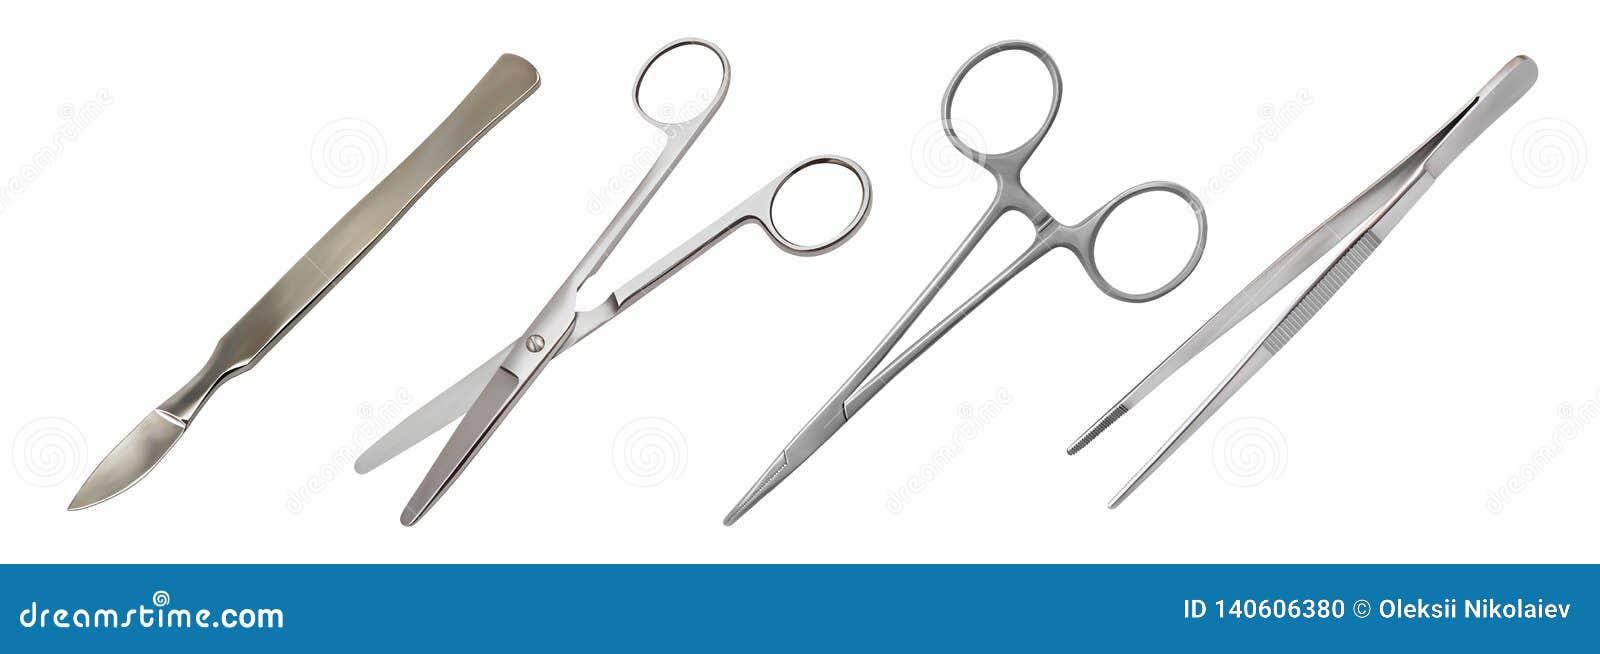 Chirurgicznie instrumentu set Metalu brzuszny reusable skalpel, prości nożyce, komara kahat, anatomiczne pincety